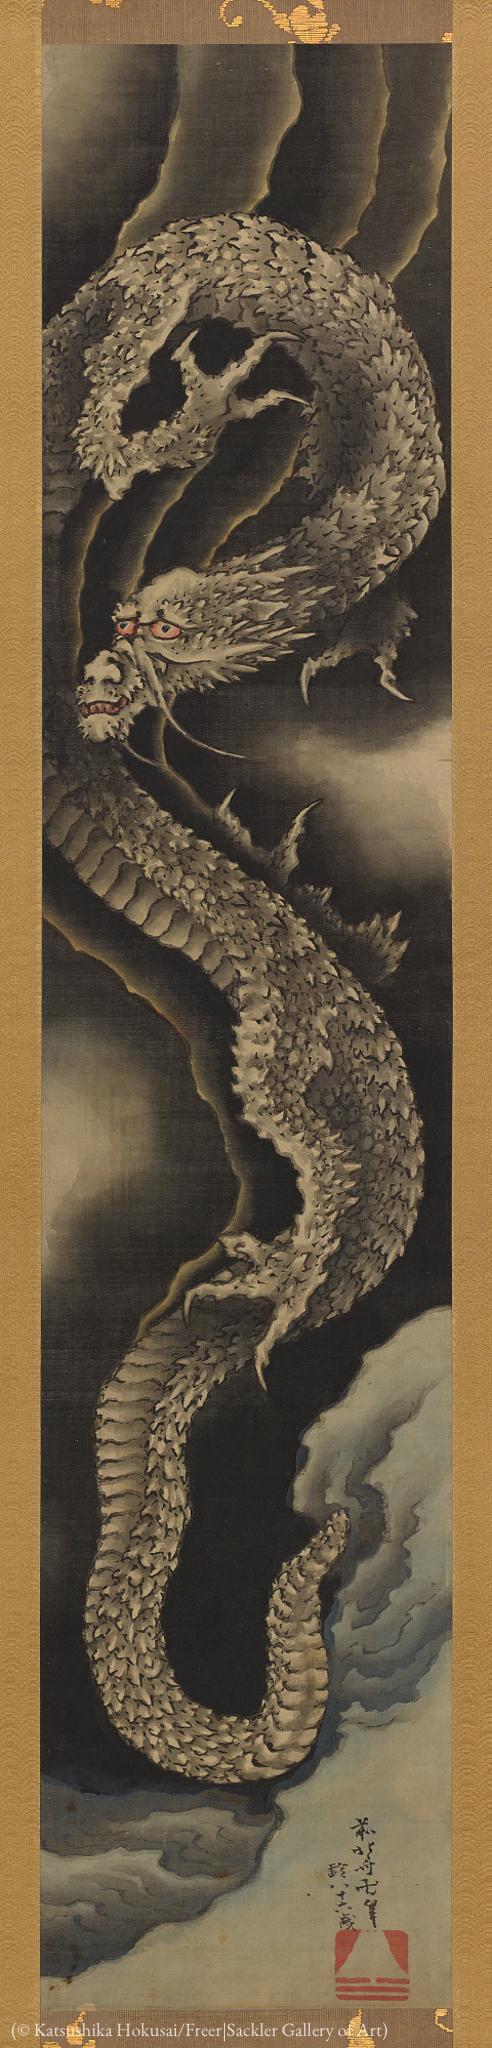 Ilustração de réptil (© Katsushika Hokusai/Galeria de Arte Freer|Sackler)